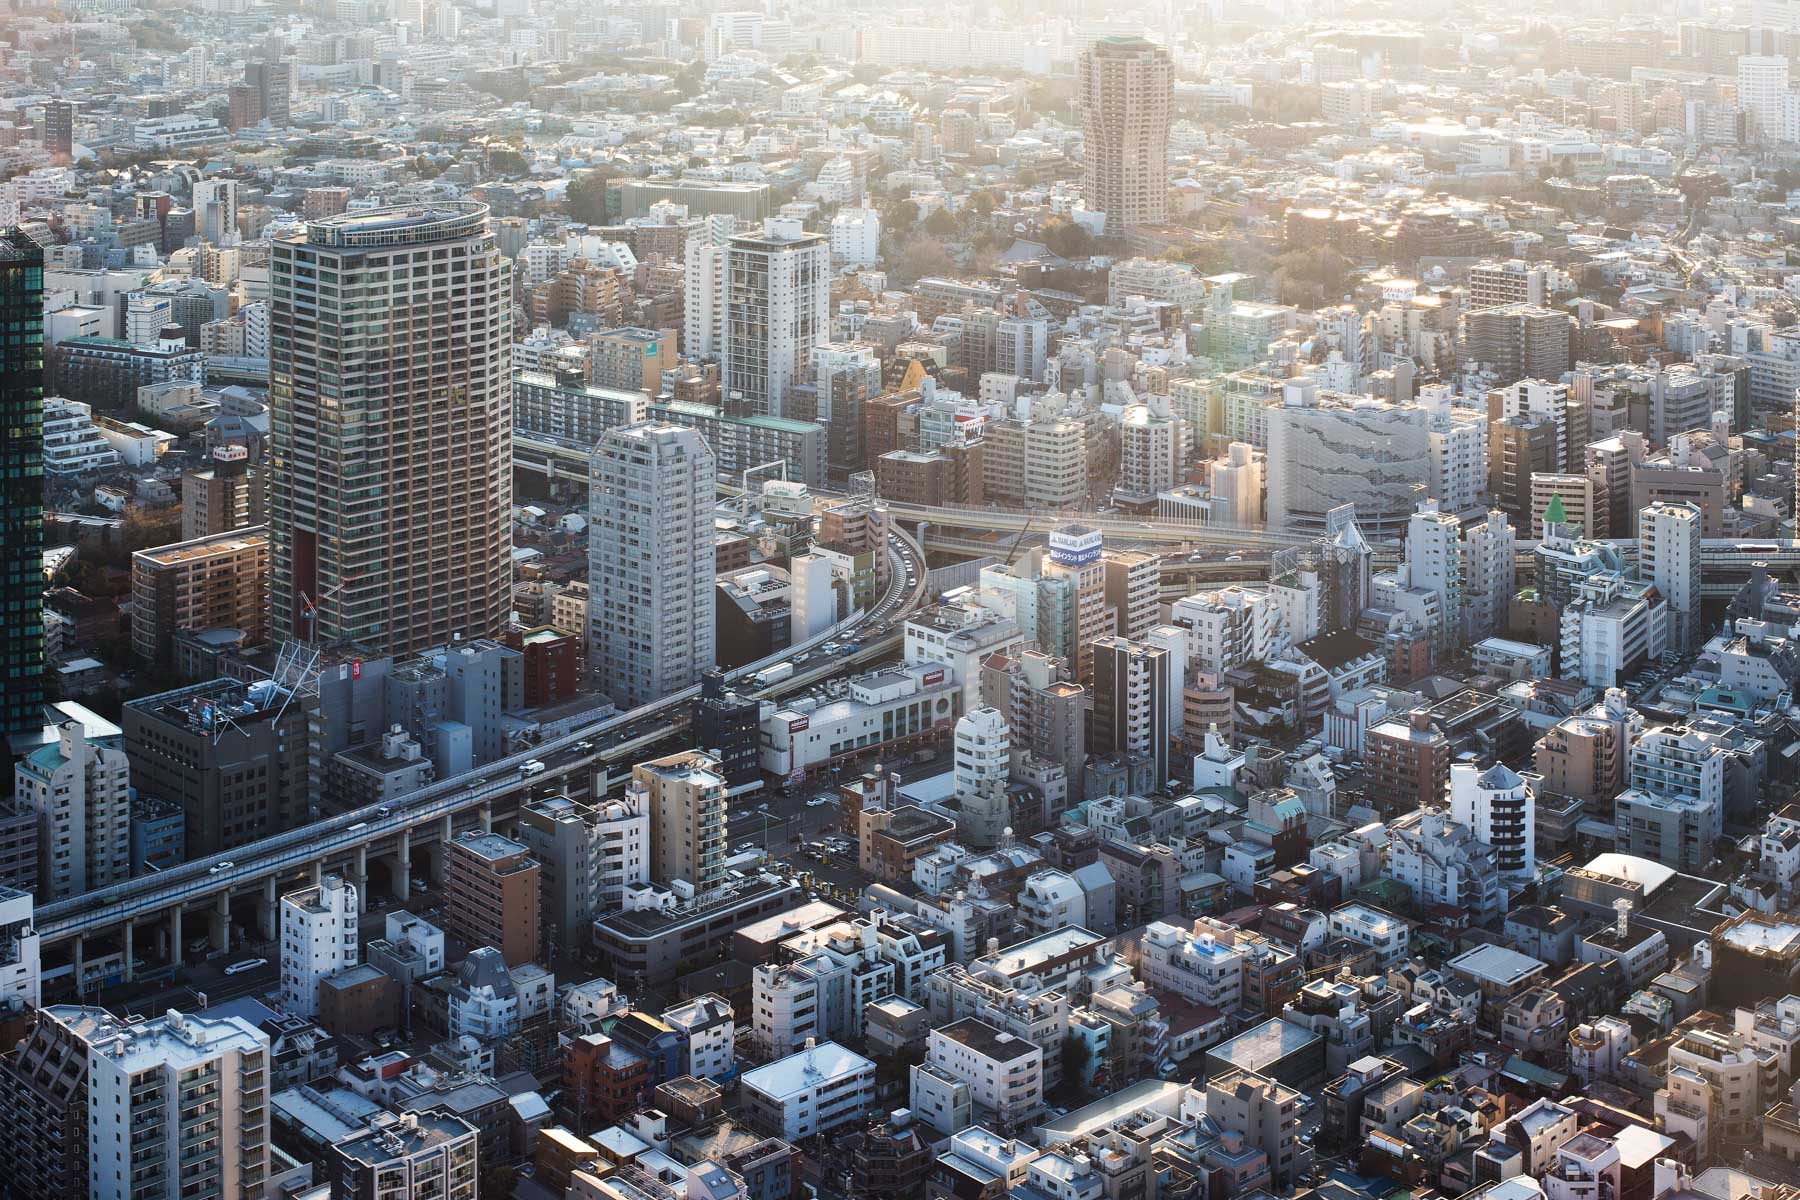 Sicht vom Skytree-Tower auf das spektakuläre Tokio/ Japan, 2014